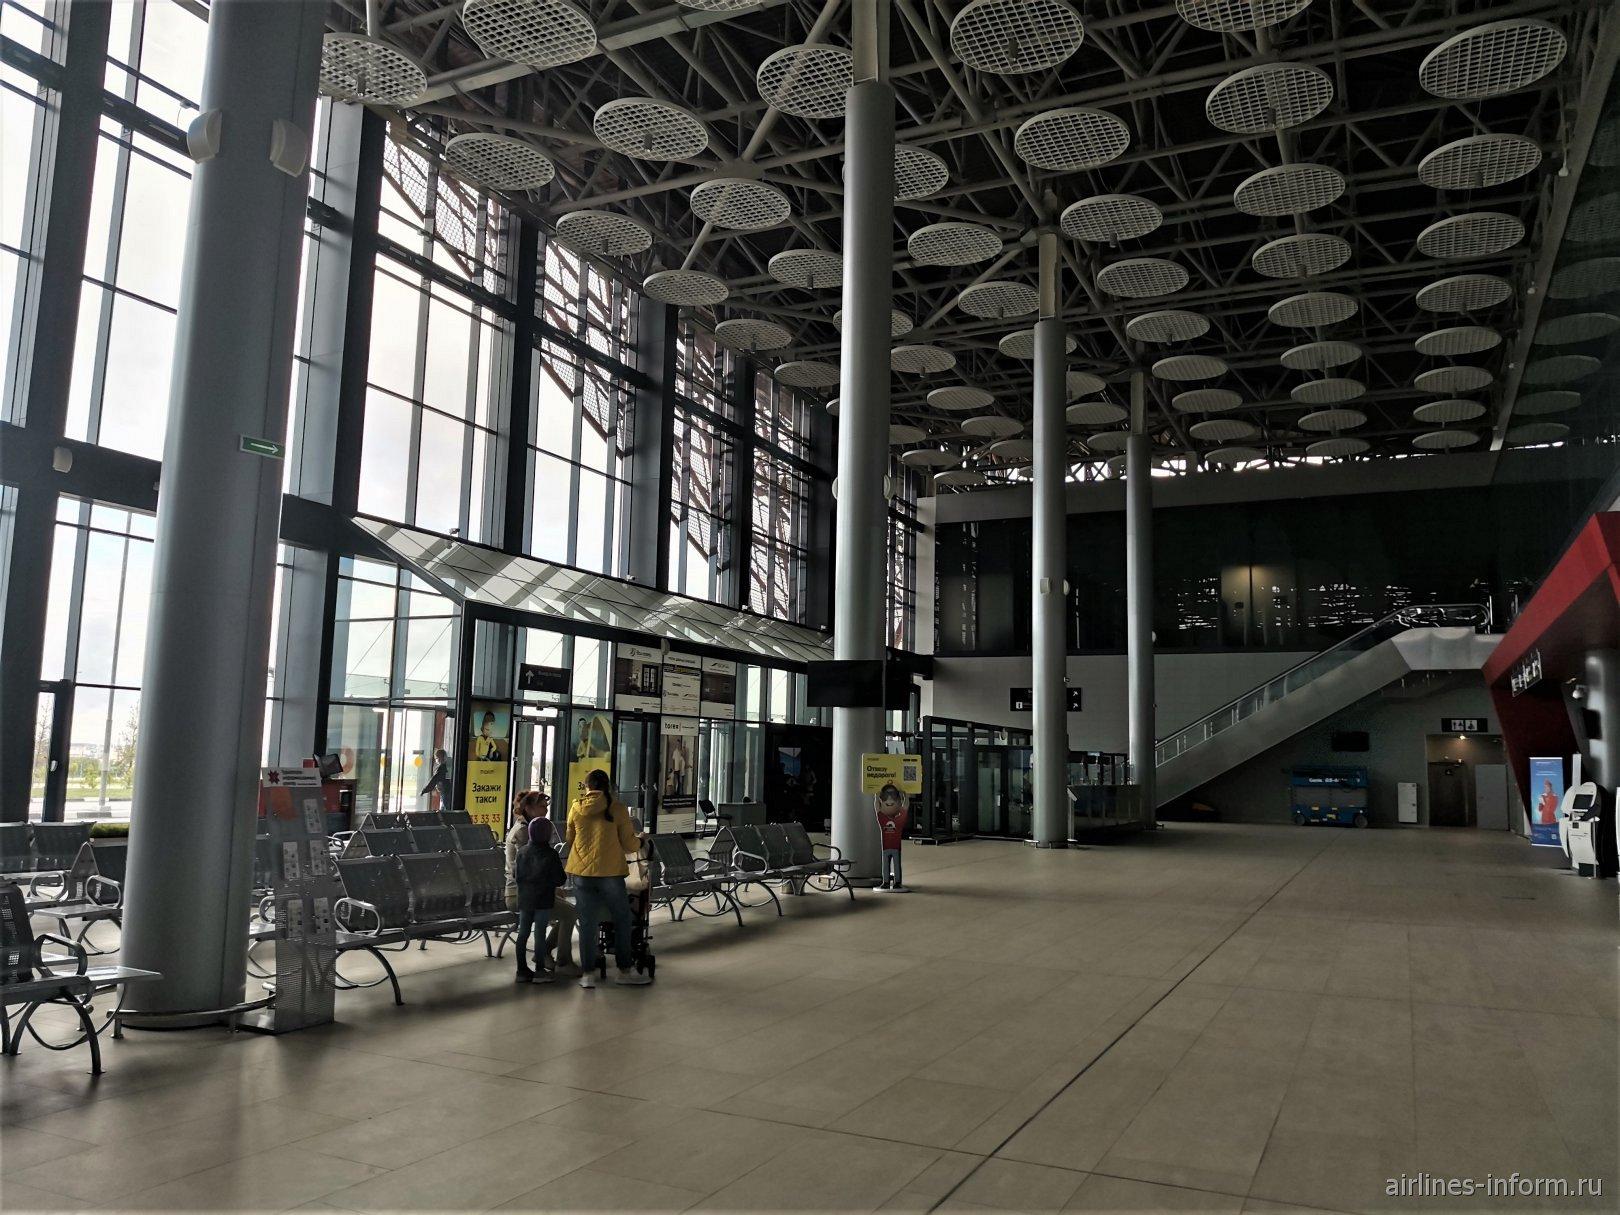 Внутри пассажирского терминала А аэропорта Саранск